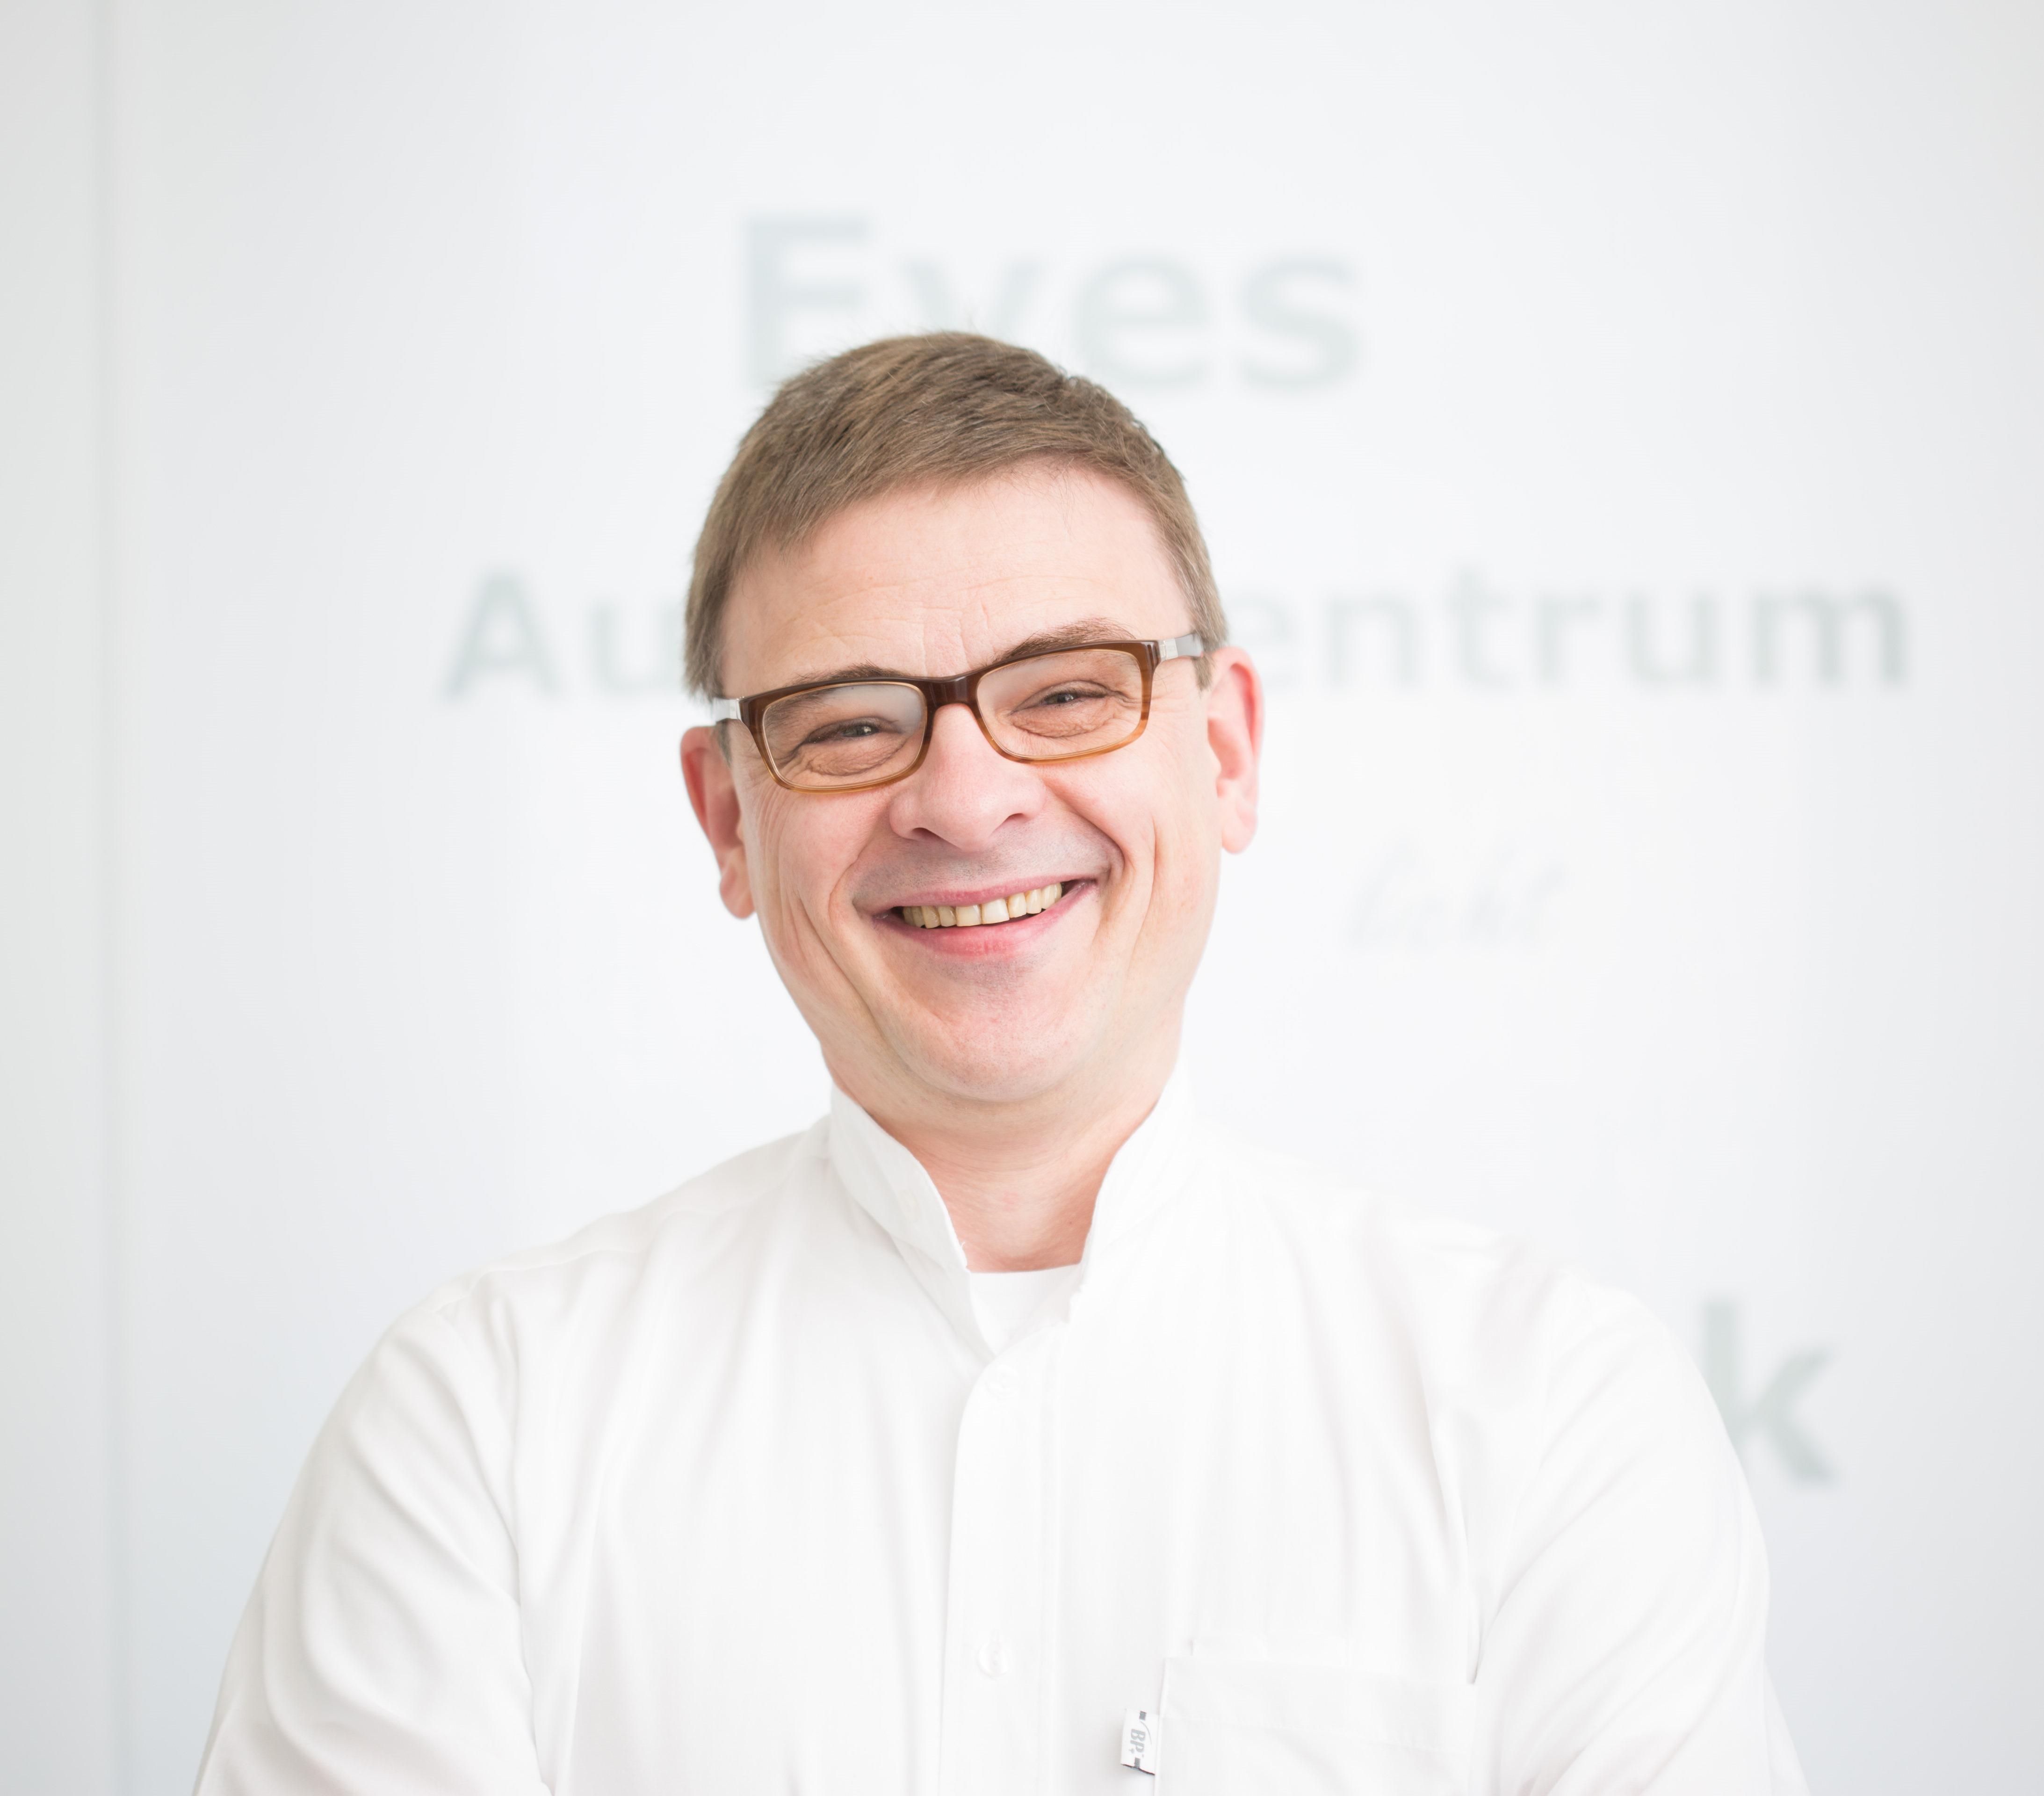 Augenarzt Köln Dr. Udo Paulus